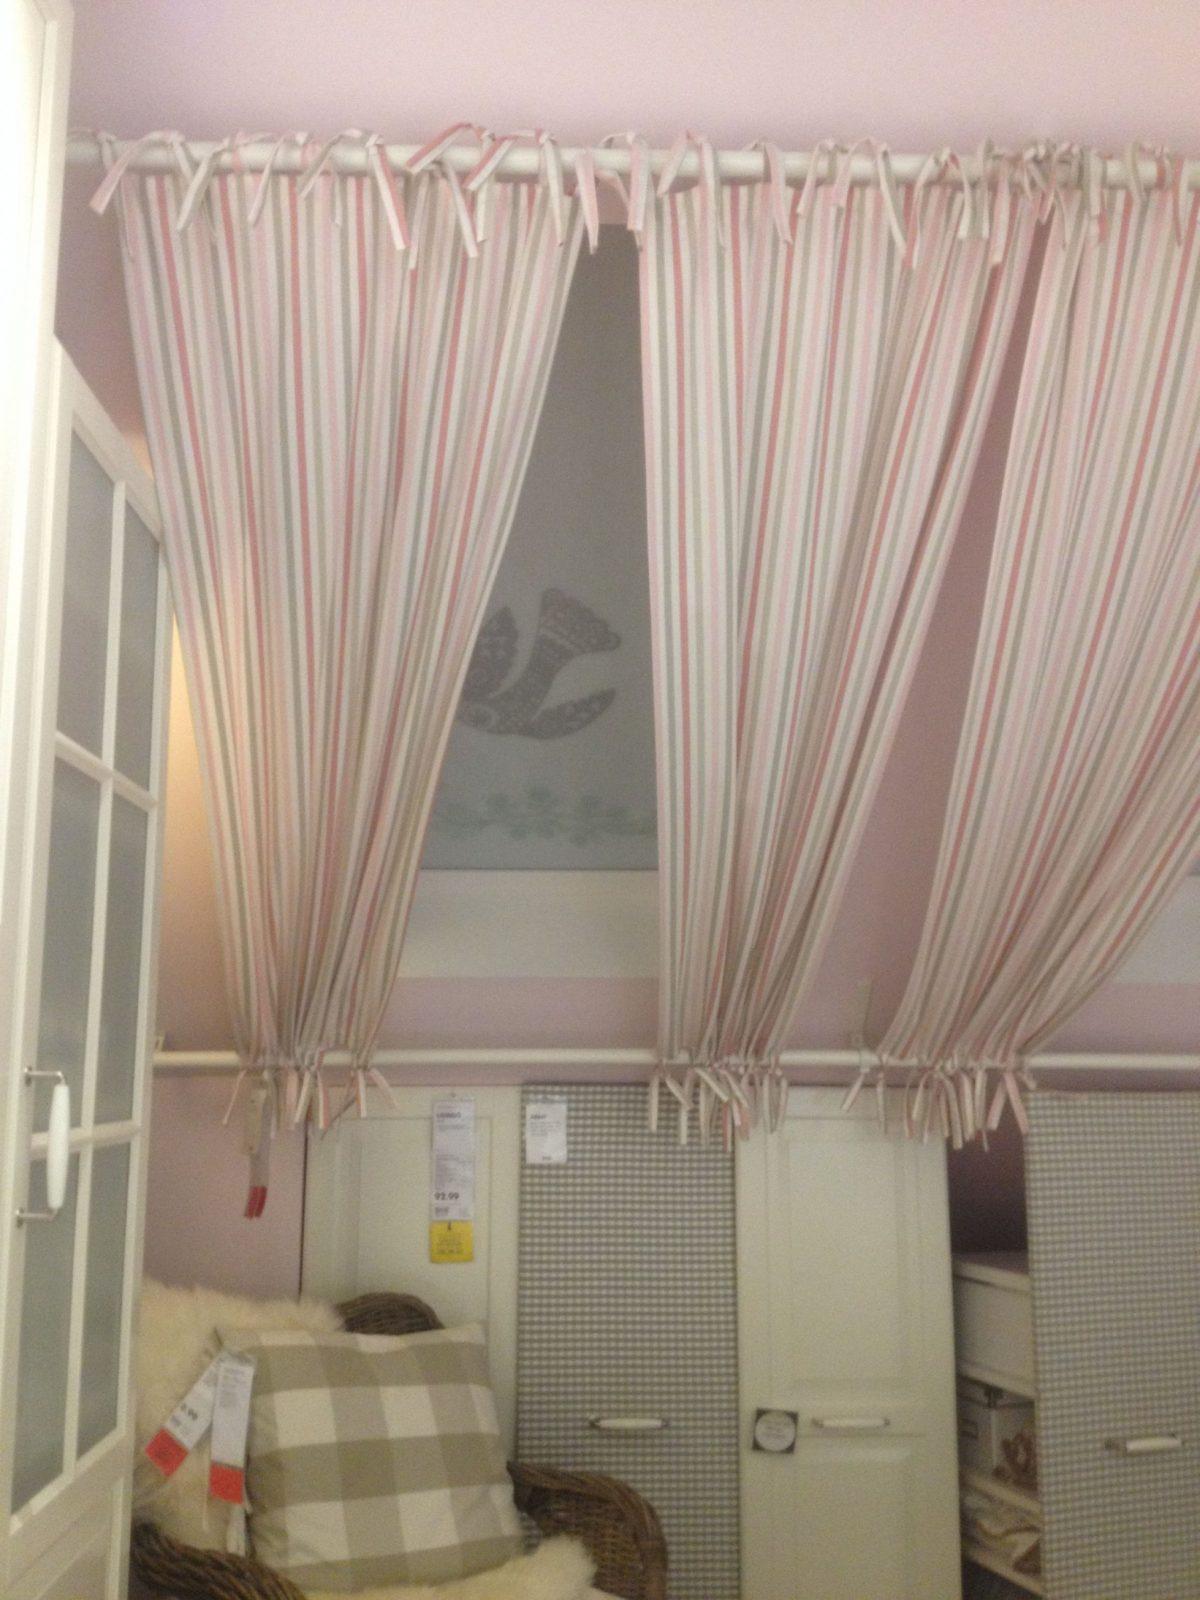 Gardinenaufhängung An Schrägen Fenstern  Шторы  Dachschräge von Gardinen Ideen Für Schräge Fenster Bild